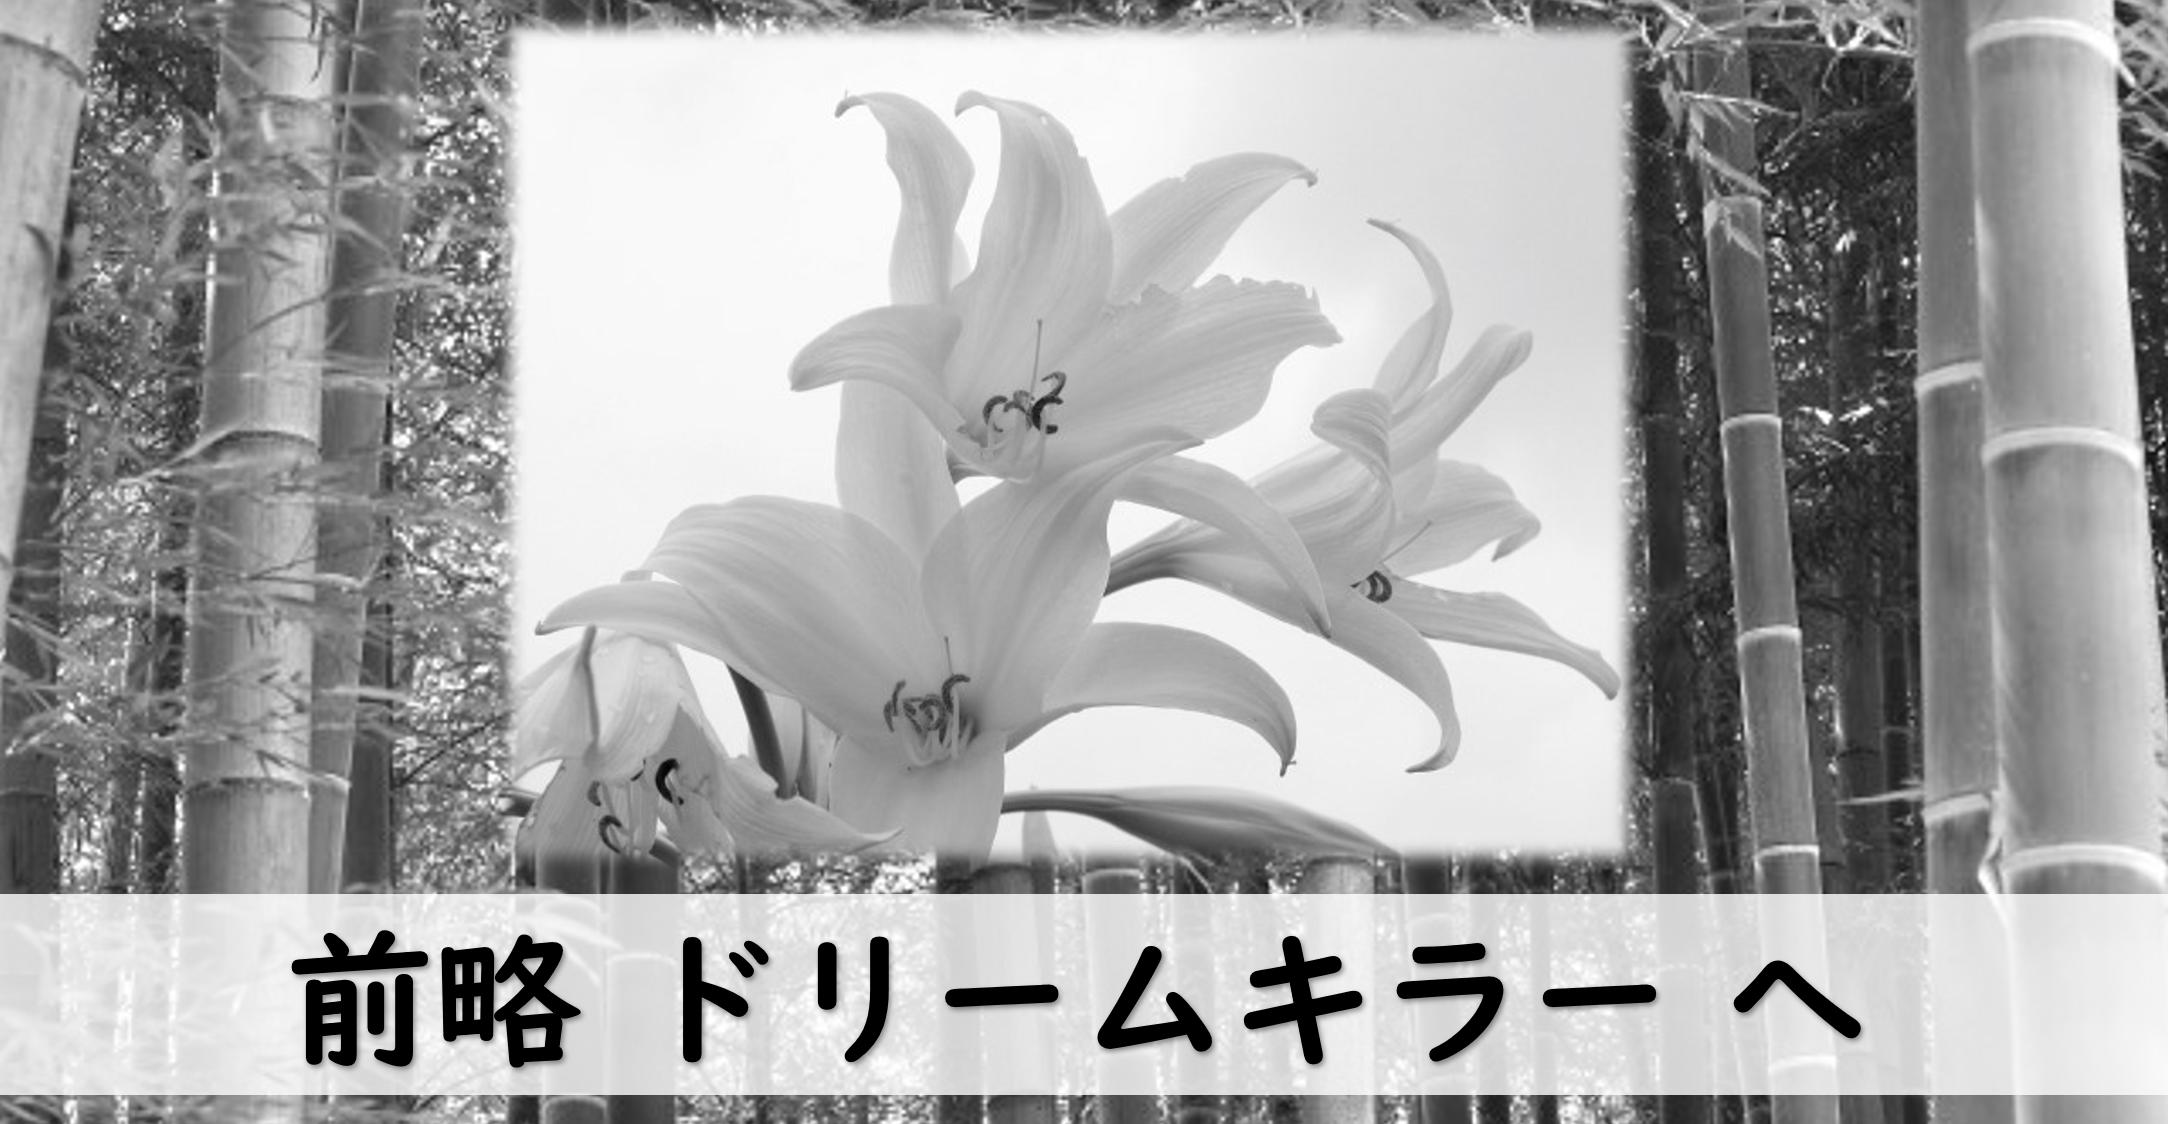 竹内結子さんの死去について書いたブログです